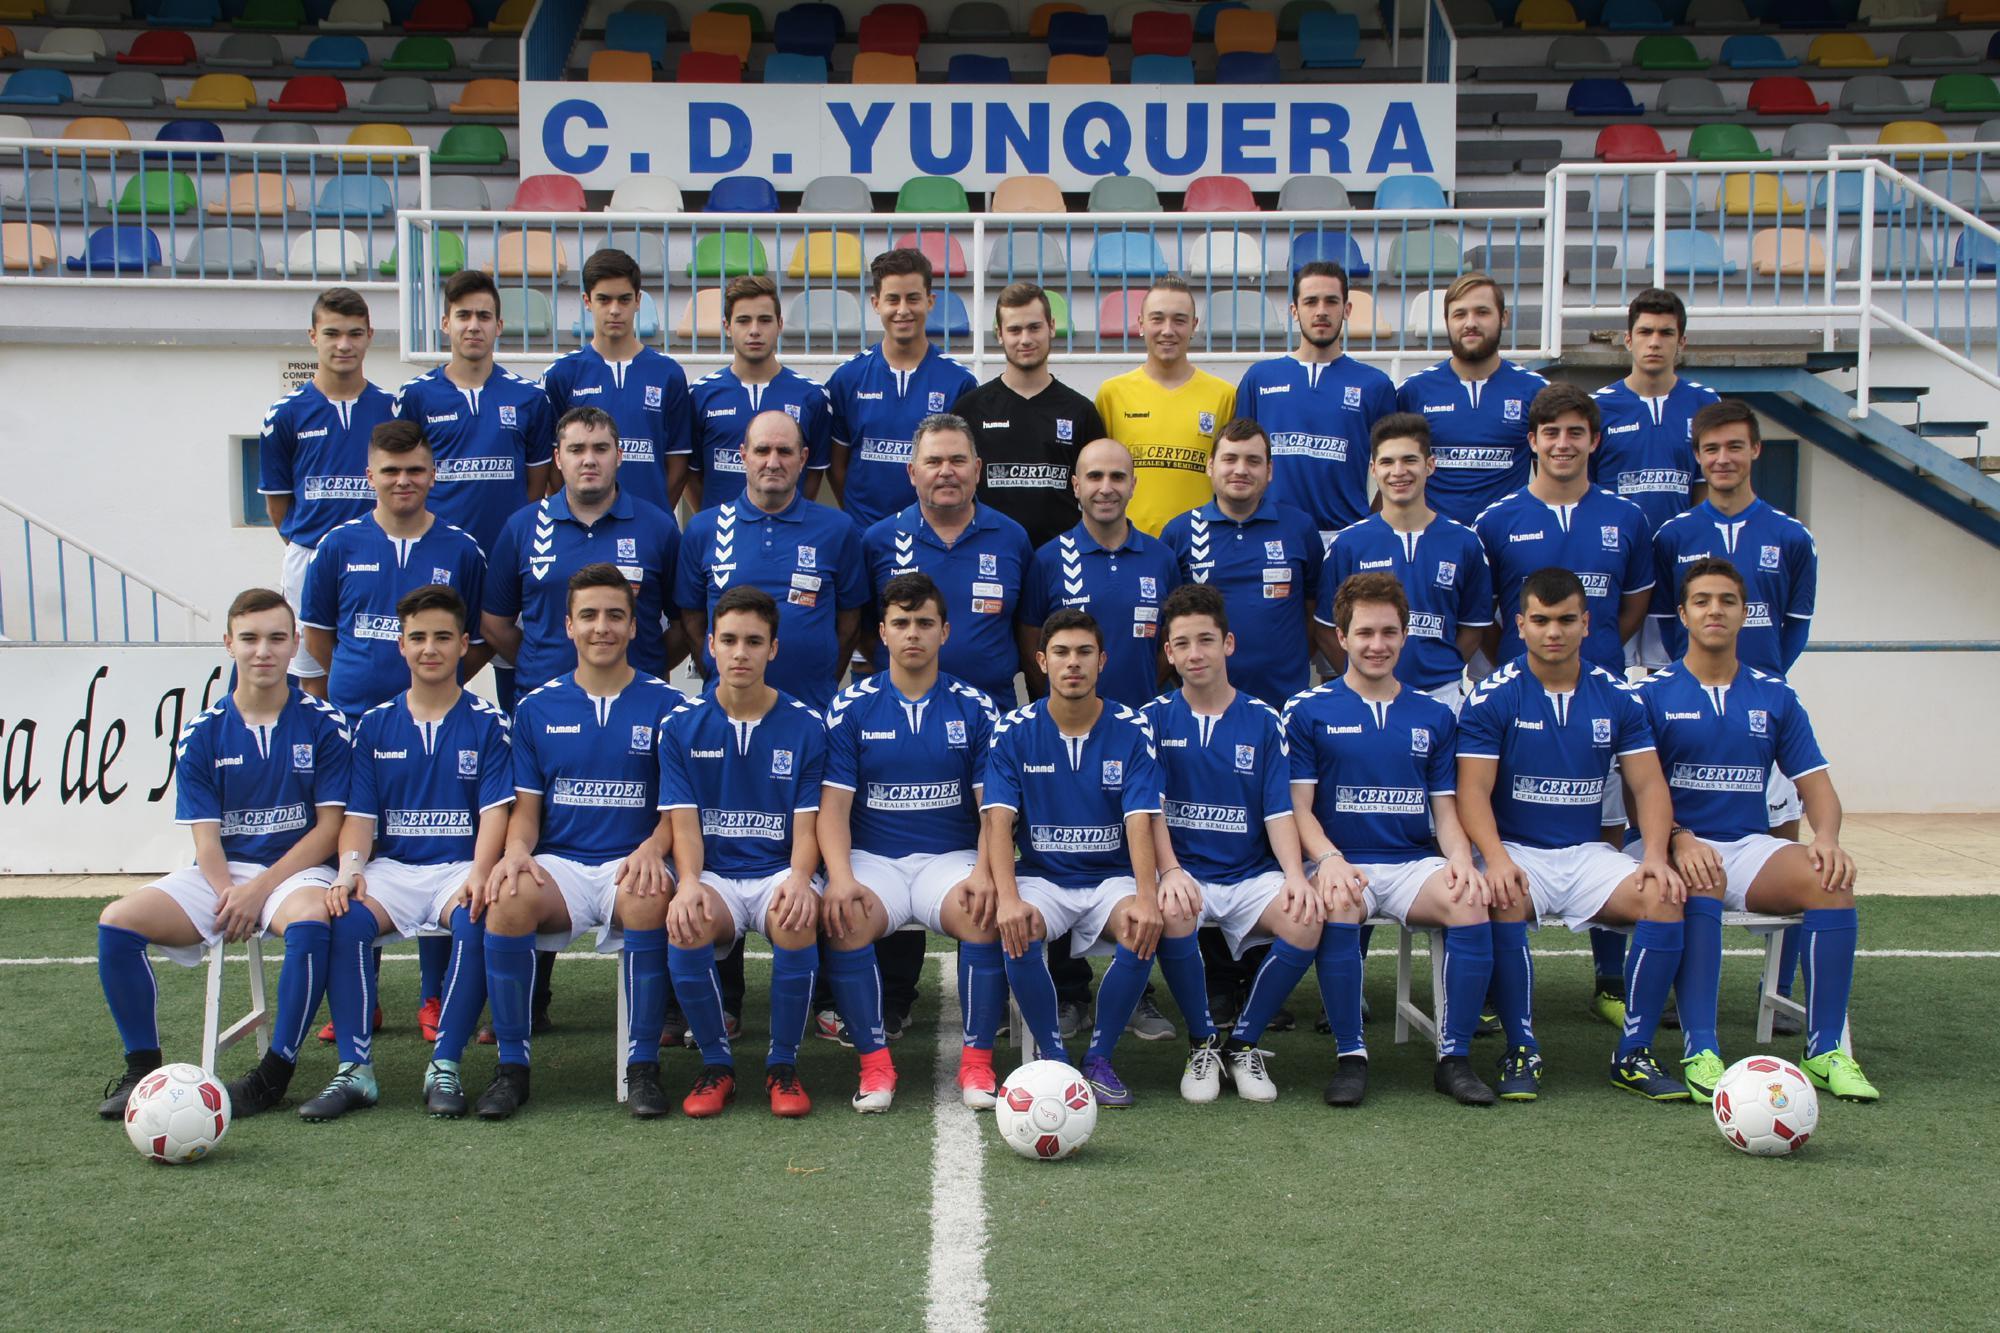 El C.D. Yunquera organiza su I Trofeo Cuadrangular de Fútbol Juvenil ...